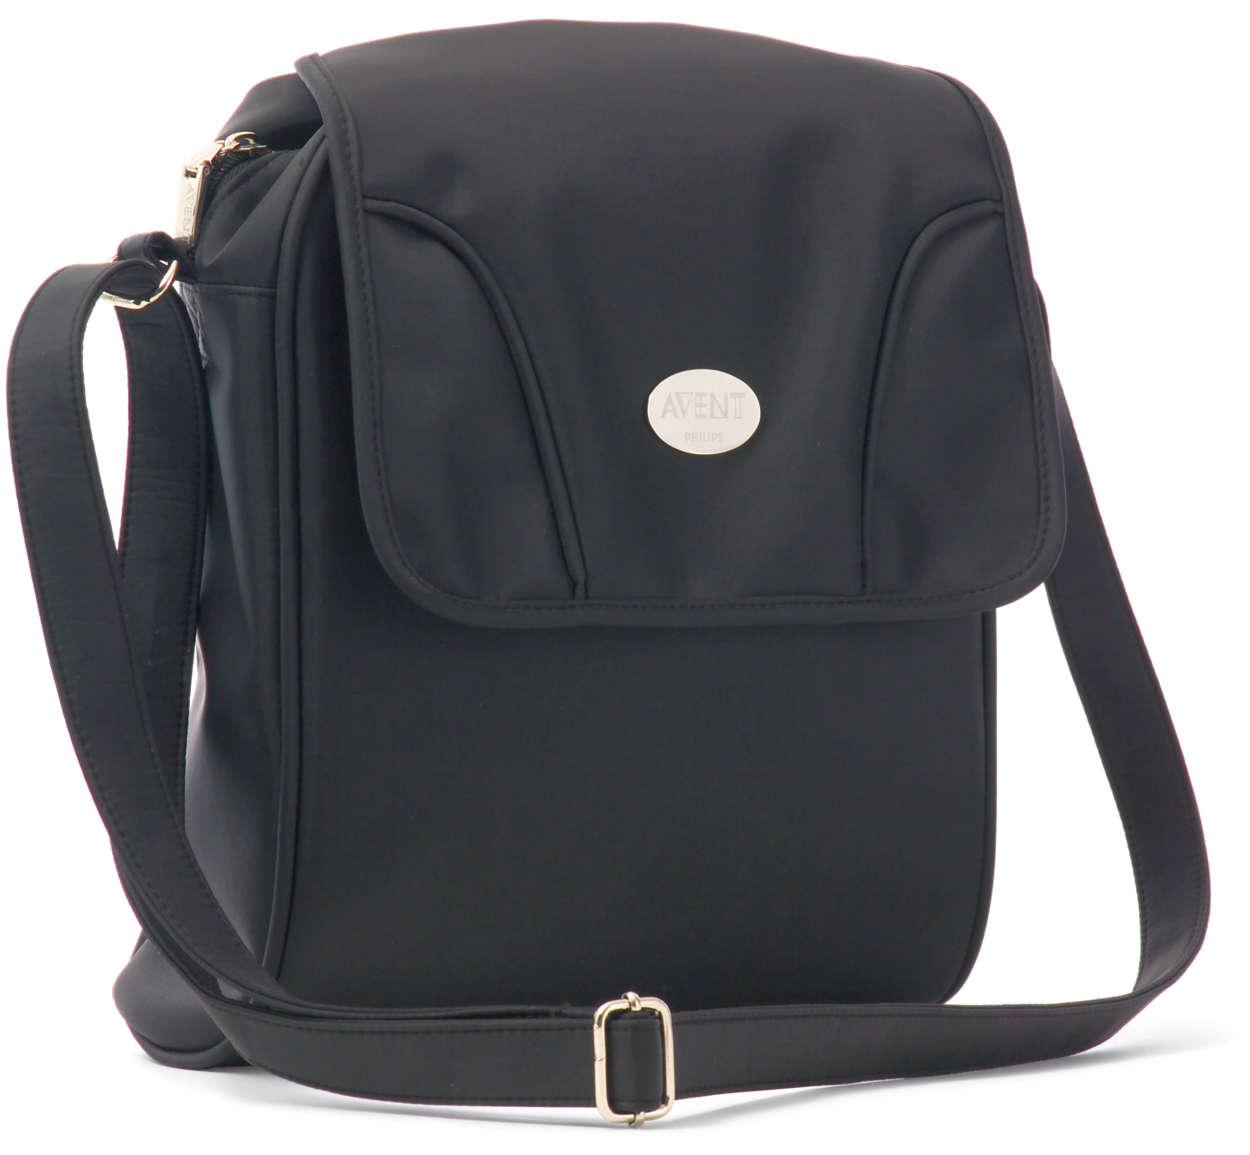 Le sac indispensable pour les courts séjours